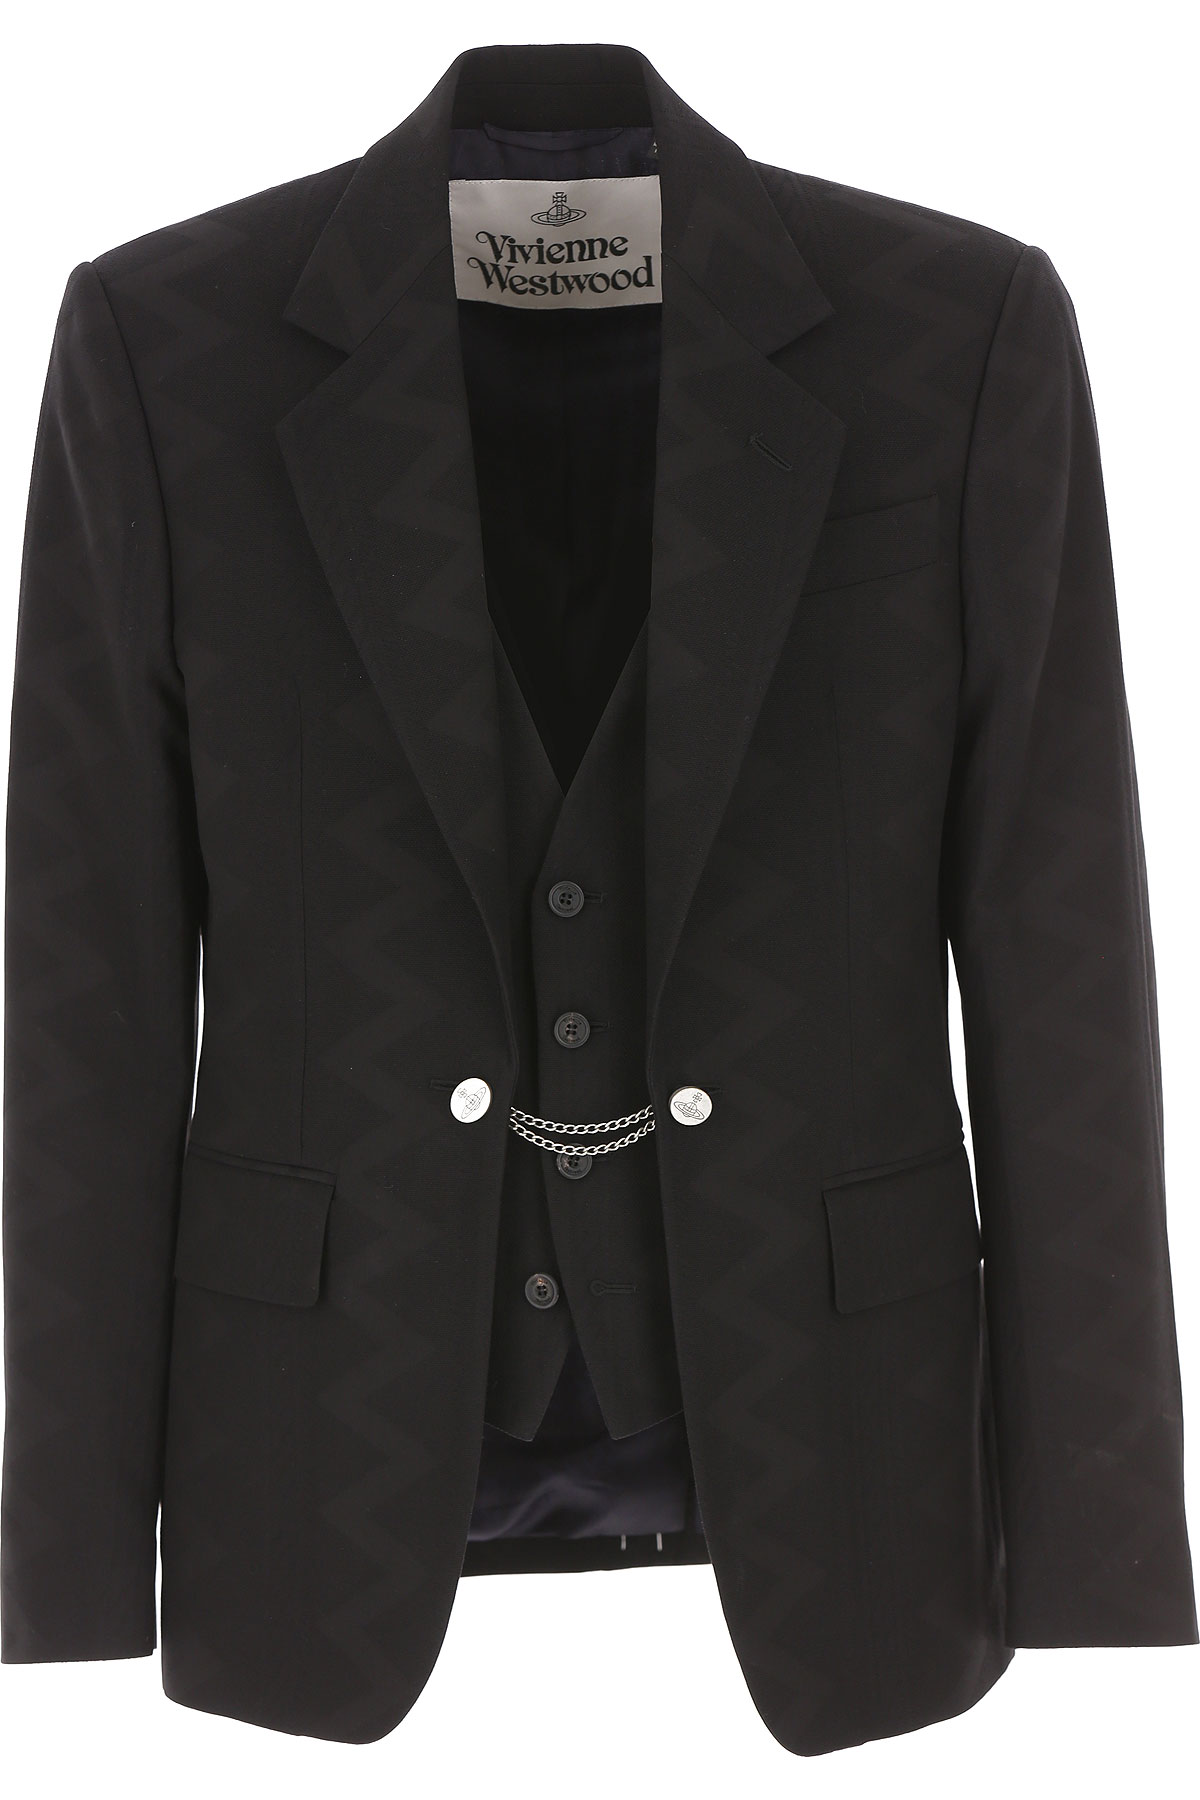 Vivienne Westwood Blazer for Men, Sport Coat On Sale, Black, Cotton, 2019, L XL